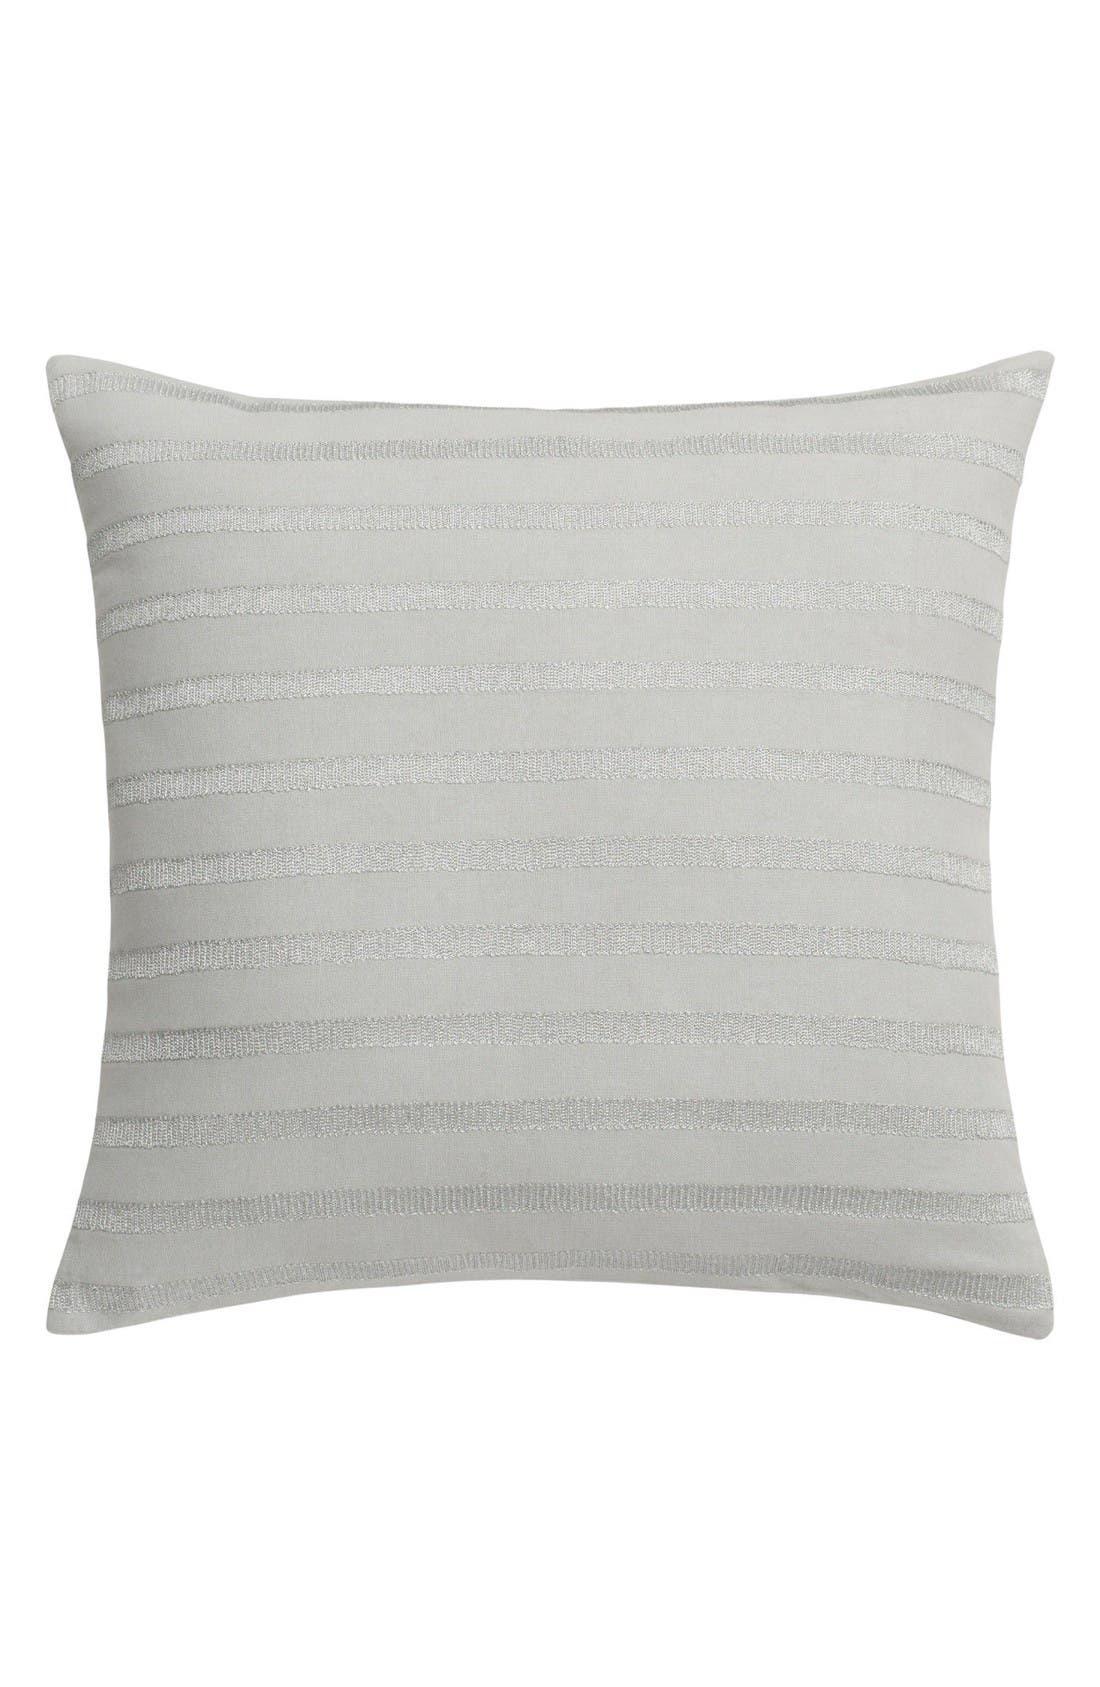 Capri Stripe Accent Pillow,                         Main,                         color, Silver